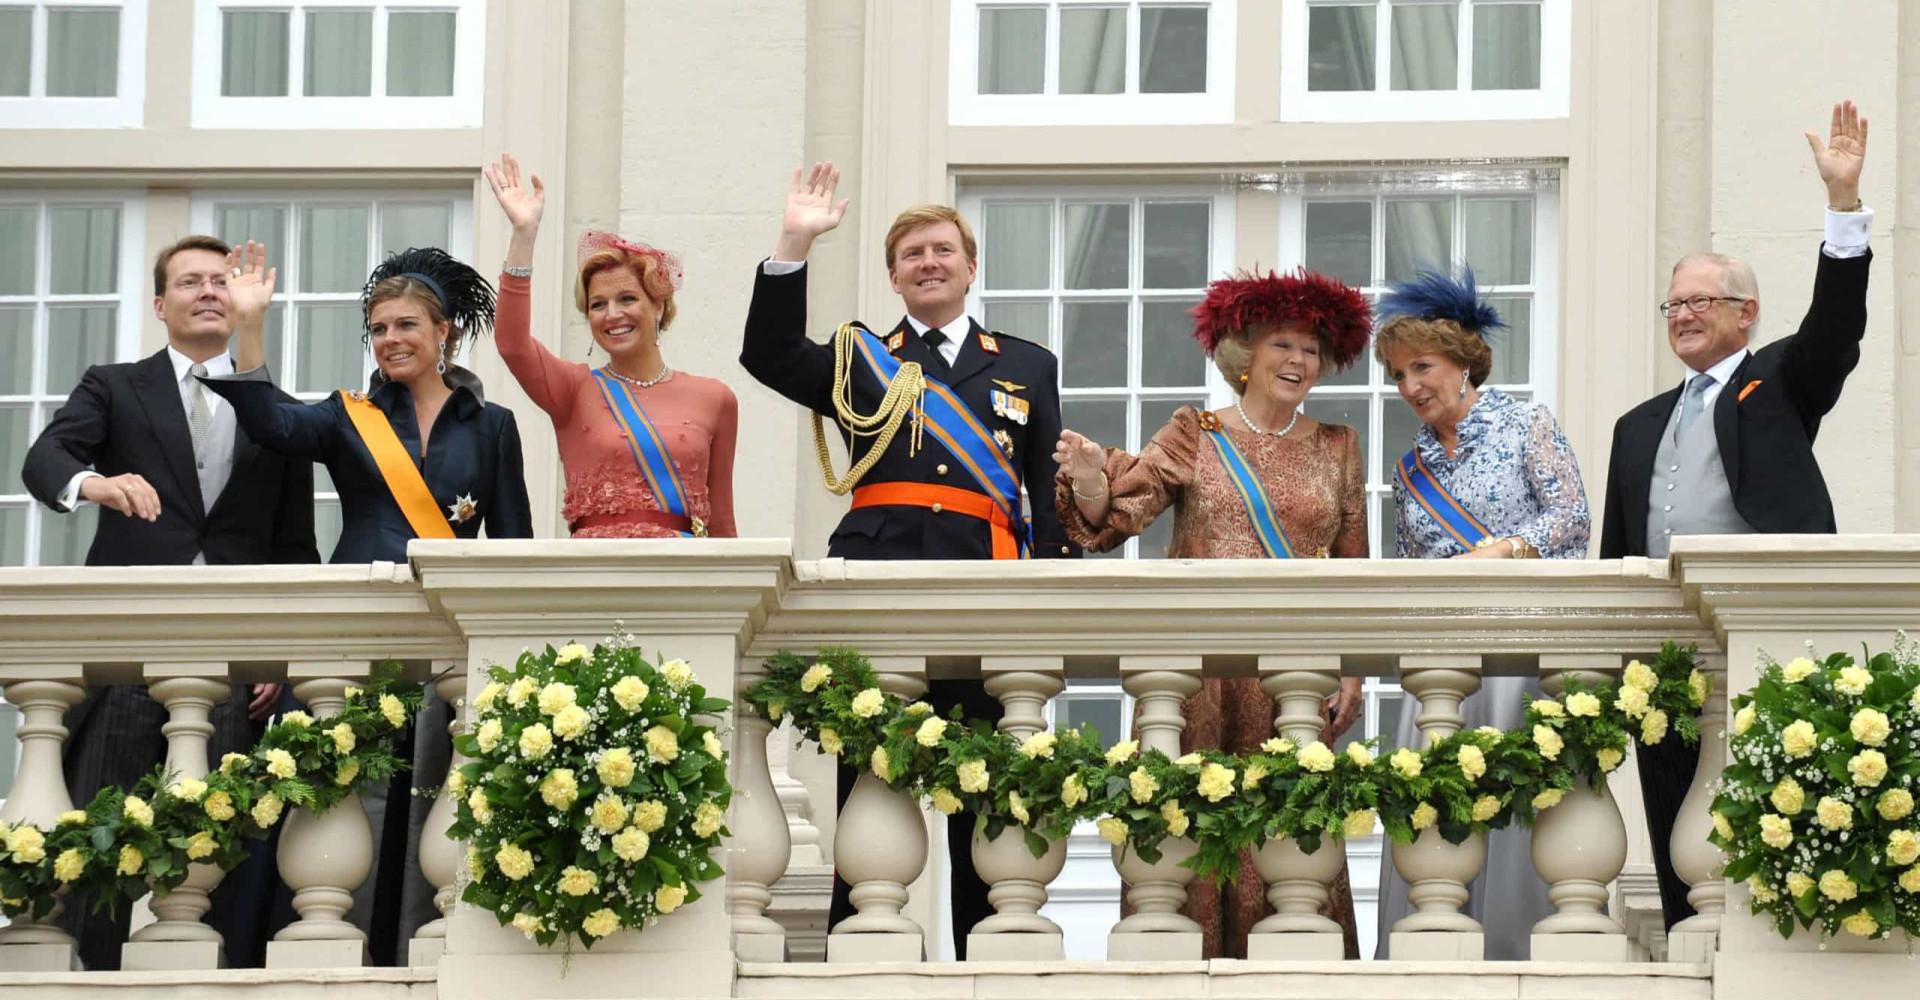 Waar wonen onze royals?